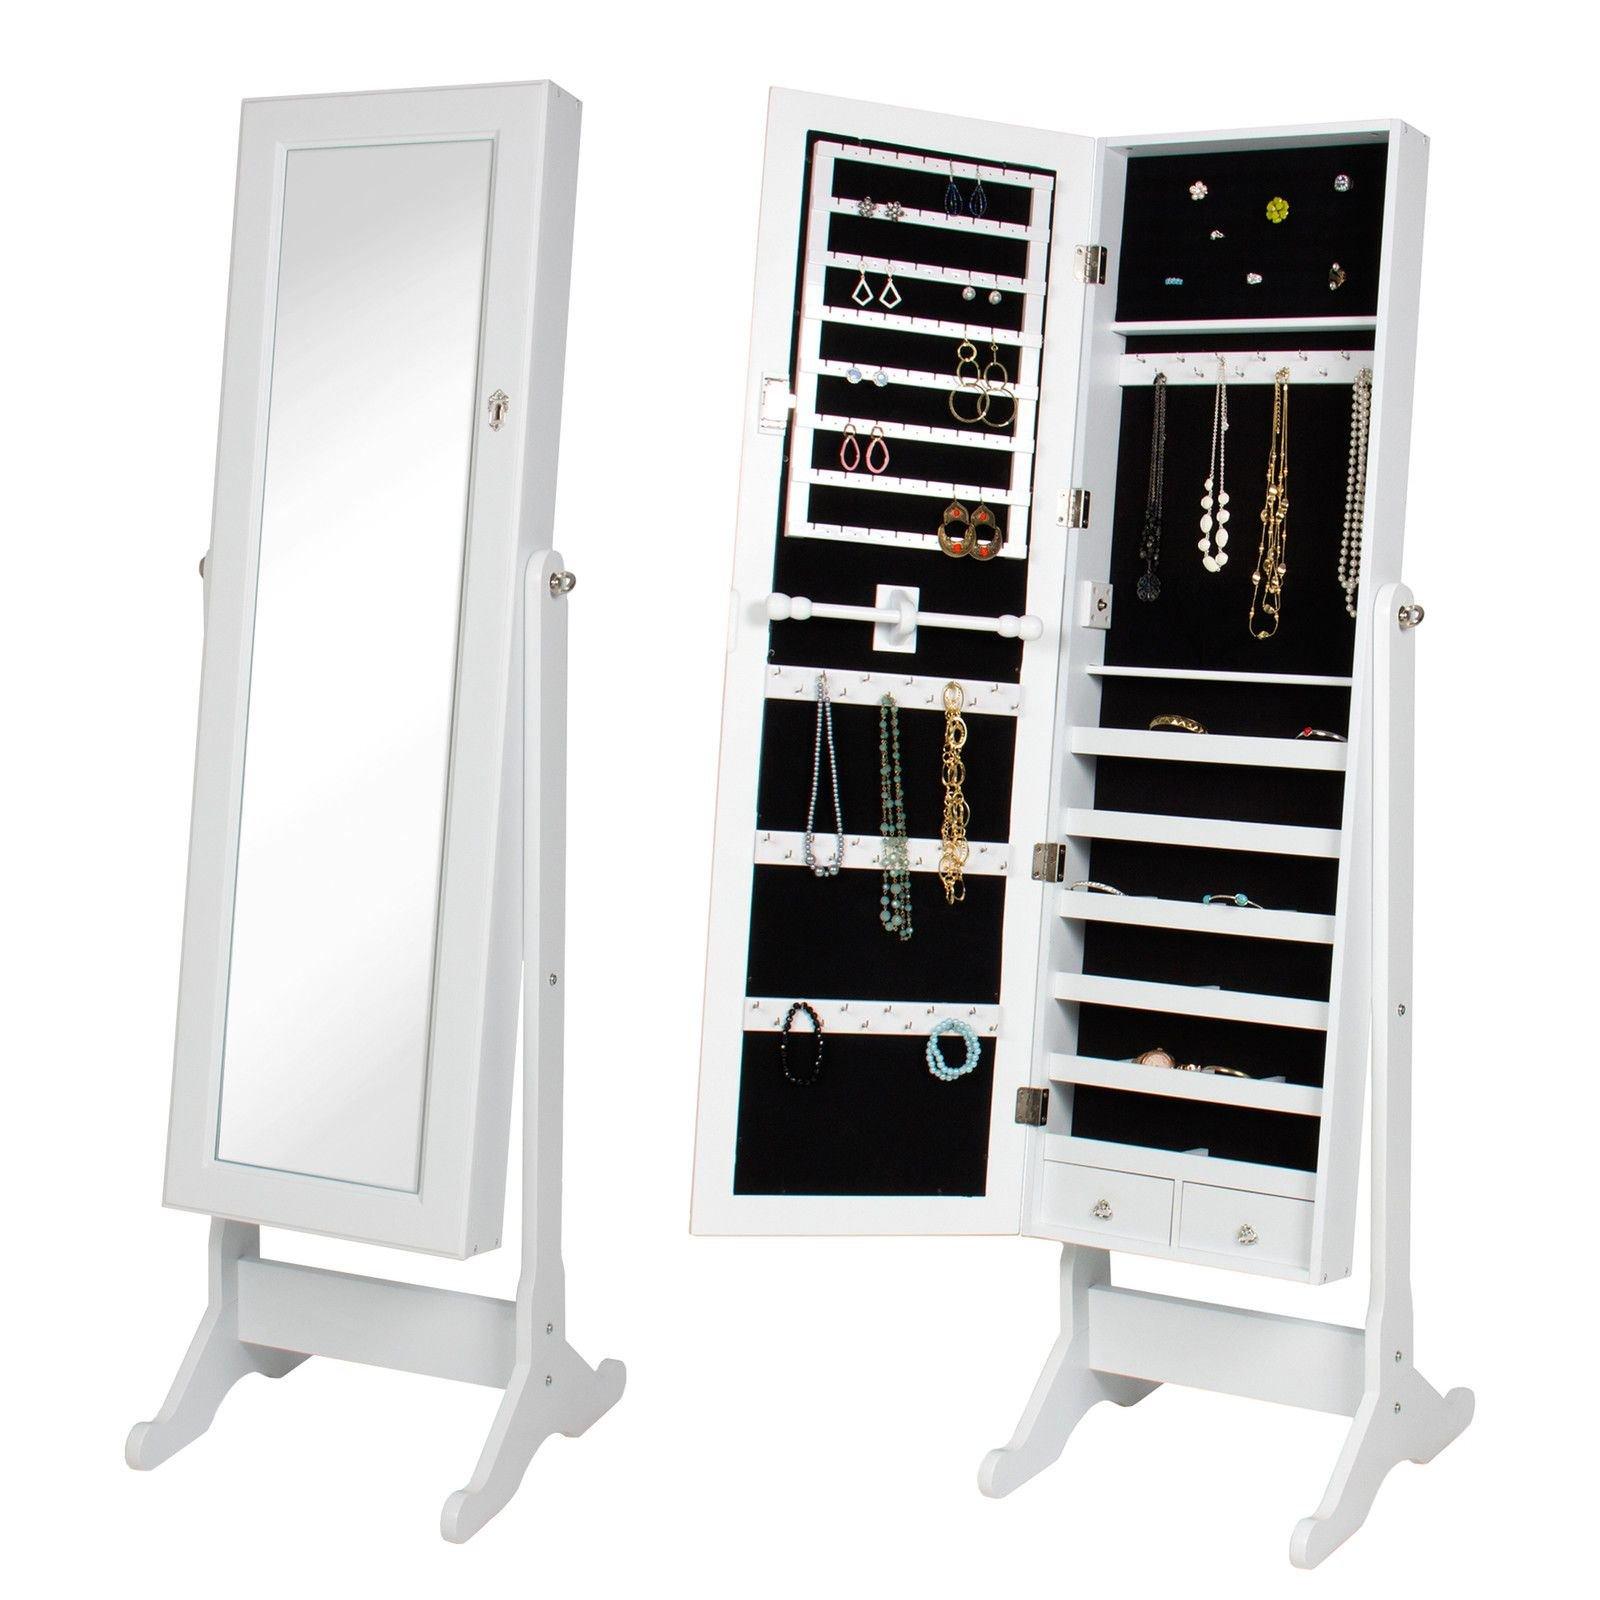 Alitop White Mirror Jewelry Cabinet